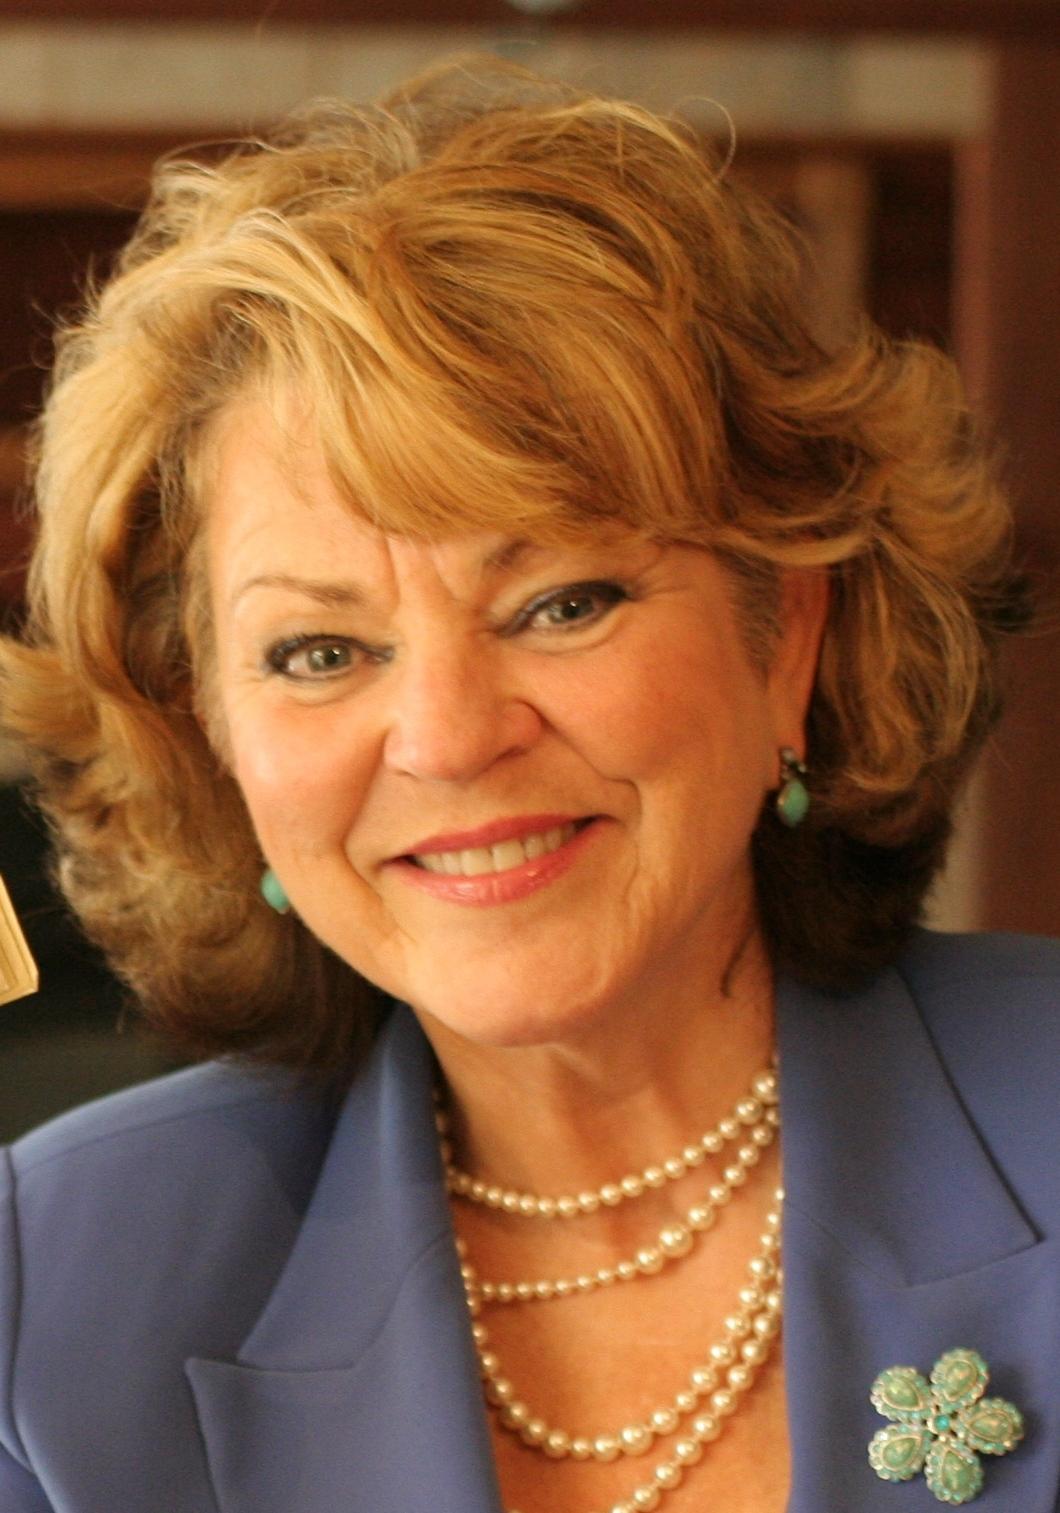 Mindy Halleck